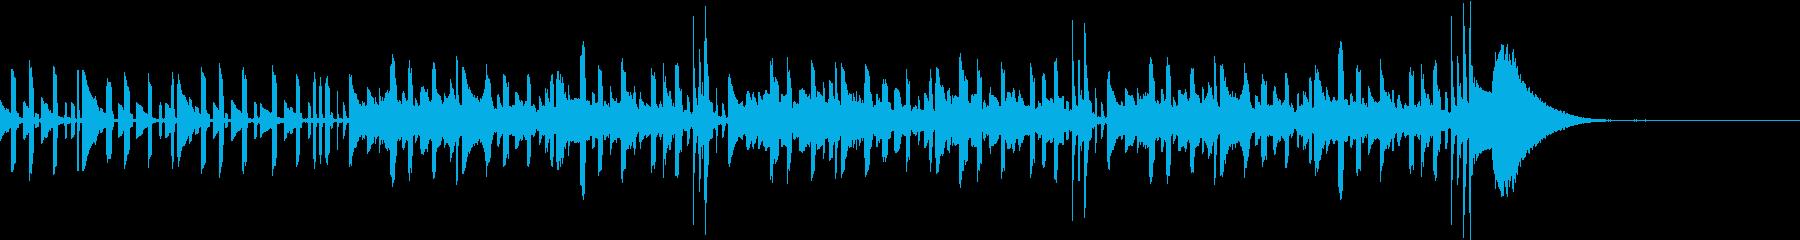 波のせせらぎの音とほのぼのゲームOPの再生済みの波形